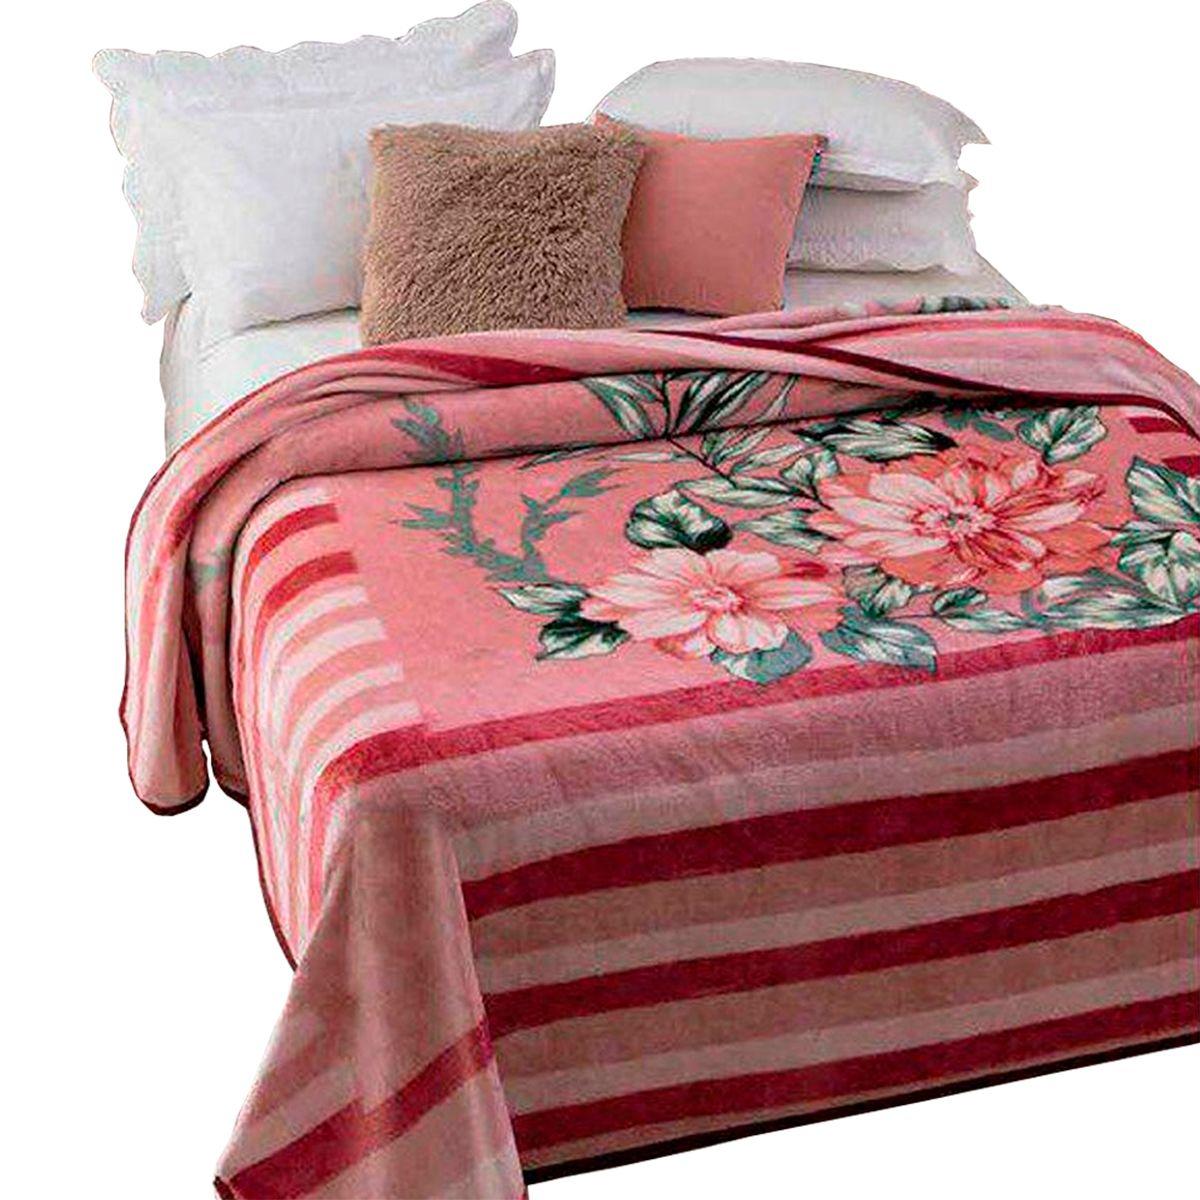 Cobertor Dyuri C/ cinta Casal Melville 180x220cm